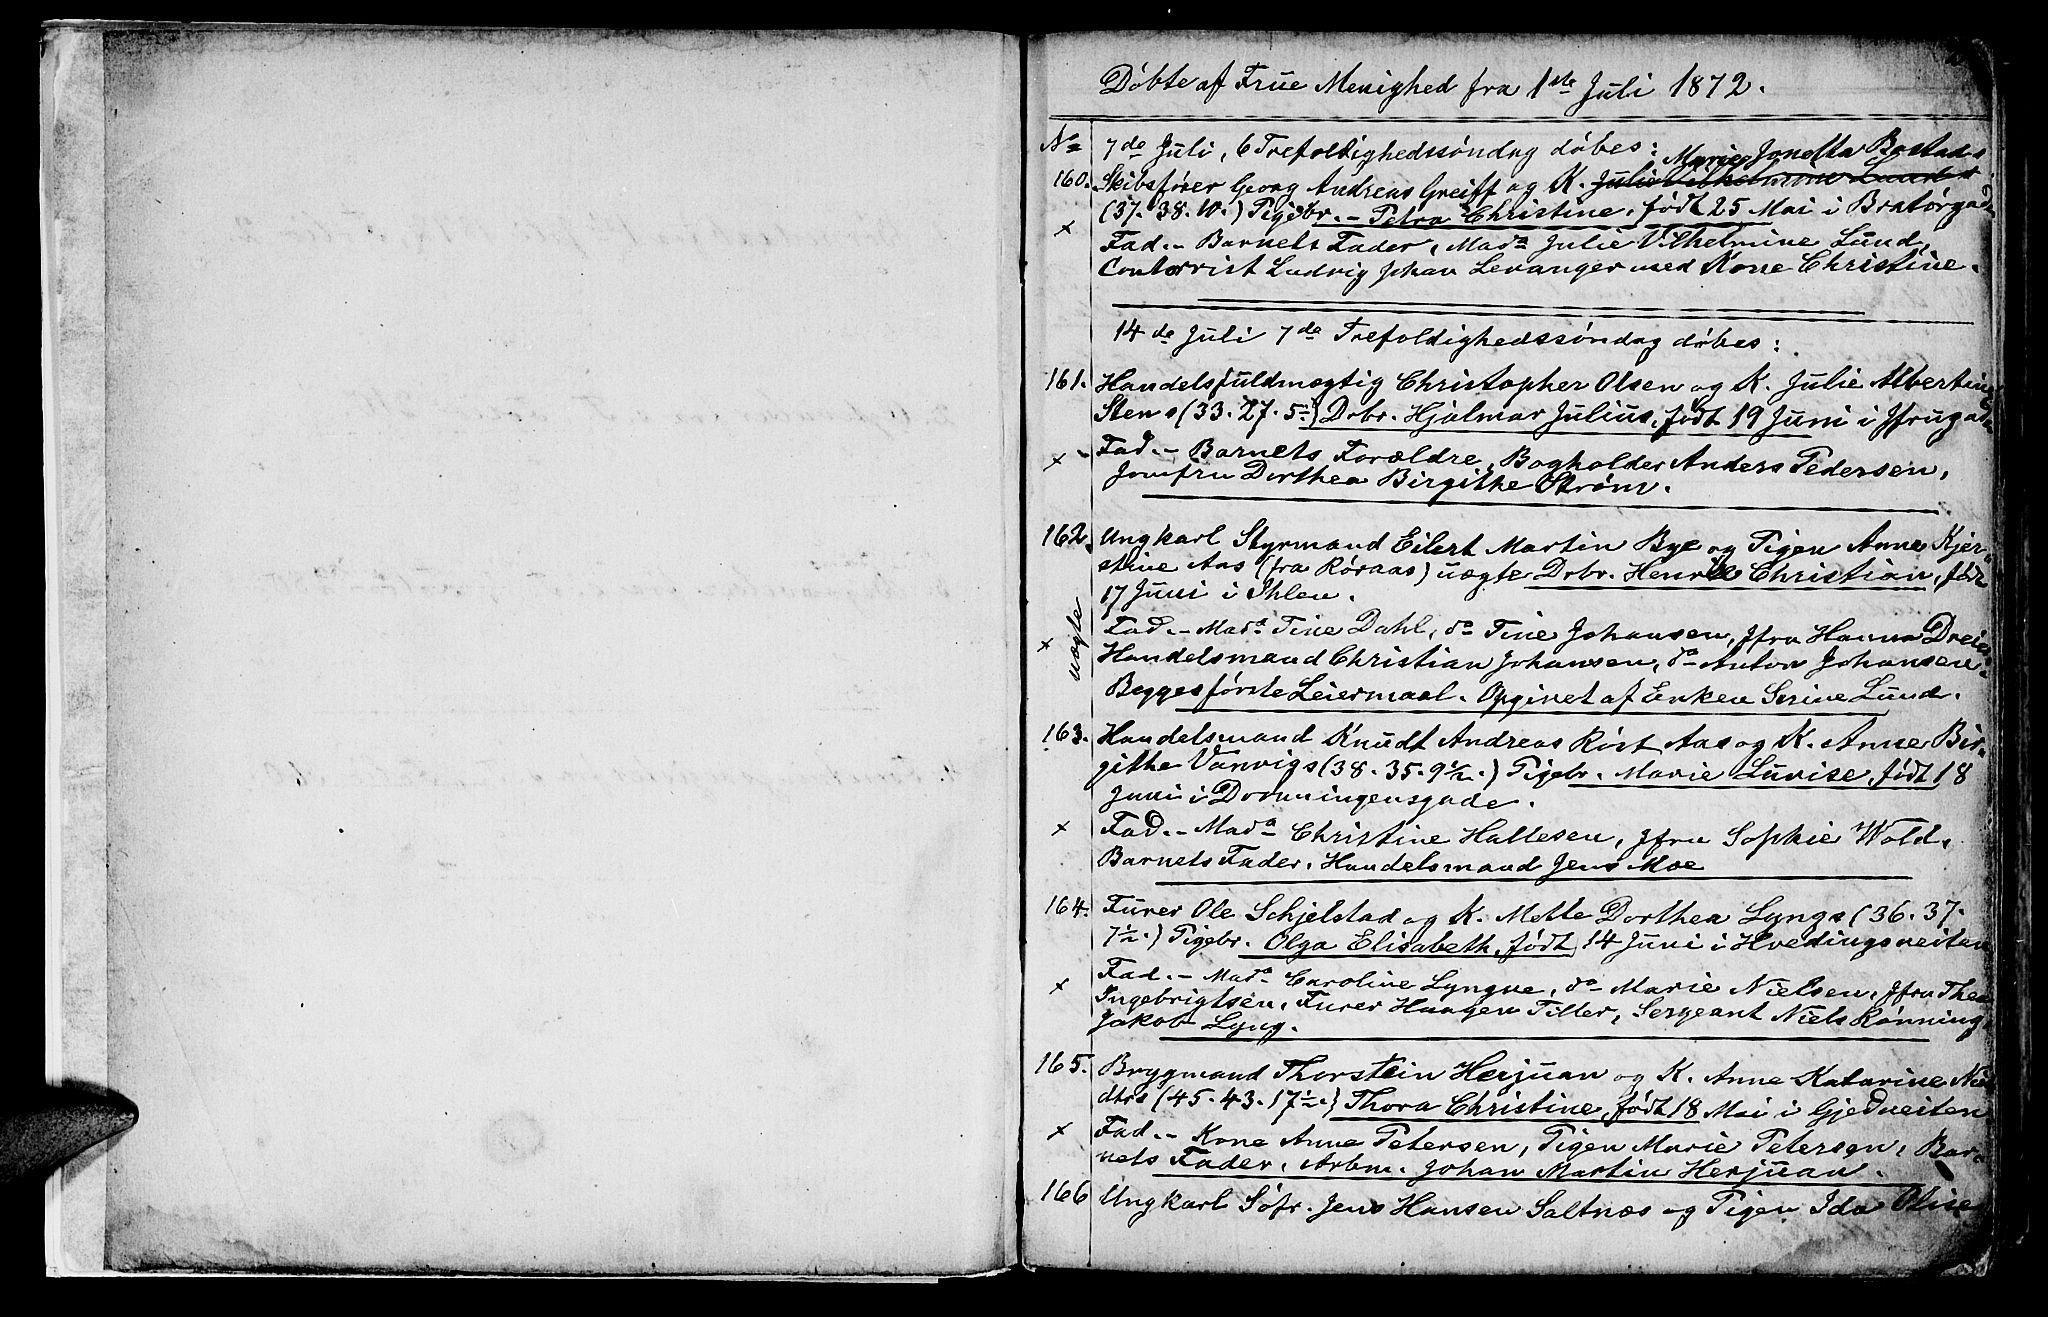 SAT, Ministerialprotokoller, klokkerbøker og fødselsregistre - Sør-Trøndelag, 602/L0142: Klokkerbok nr. 602C10, 1872-1894, s. 2